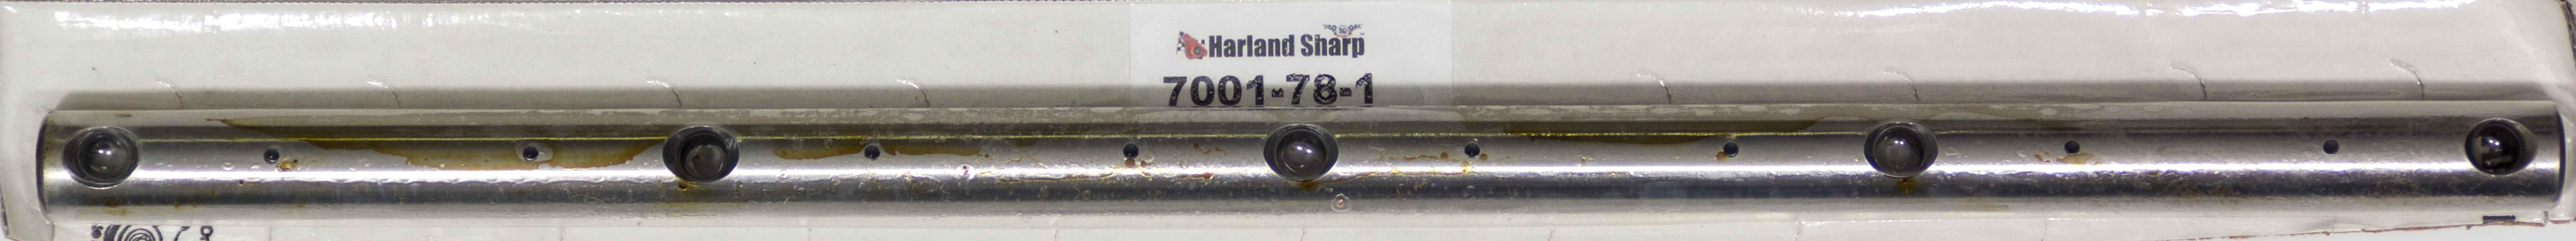 Sharp Rockers 7001-78-1 Rocker Arm Shaft, Steel, Harland Sharp Shaft Mount Rocker Arms, Mopar B / RB-Series, Each